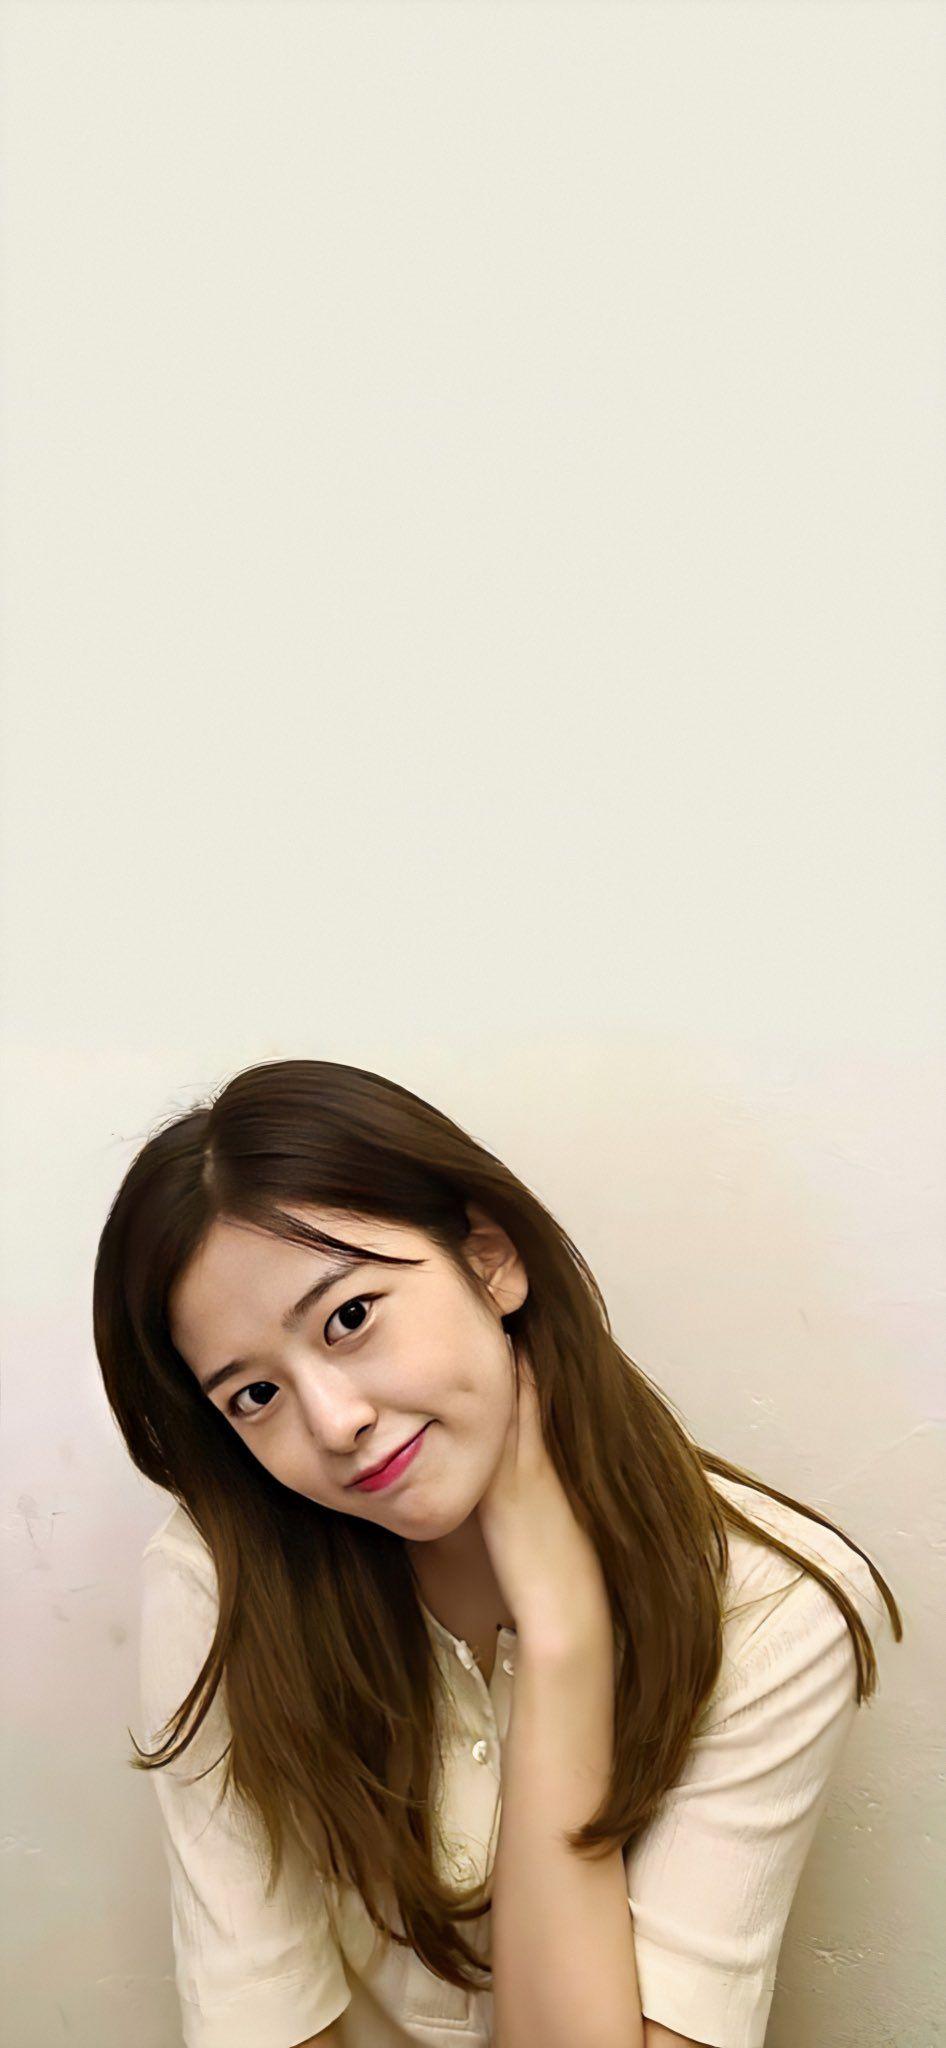 Ahn Yujin Wallpaper Wallpaper Please Celebrities Female Wallpaper